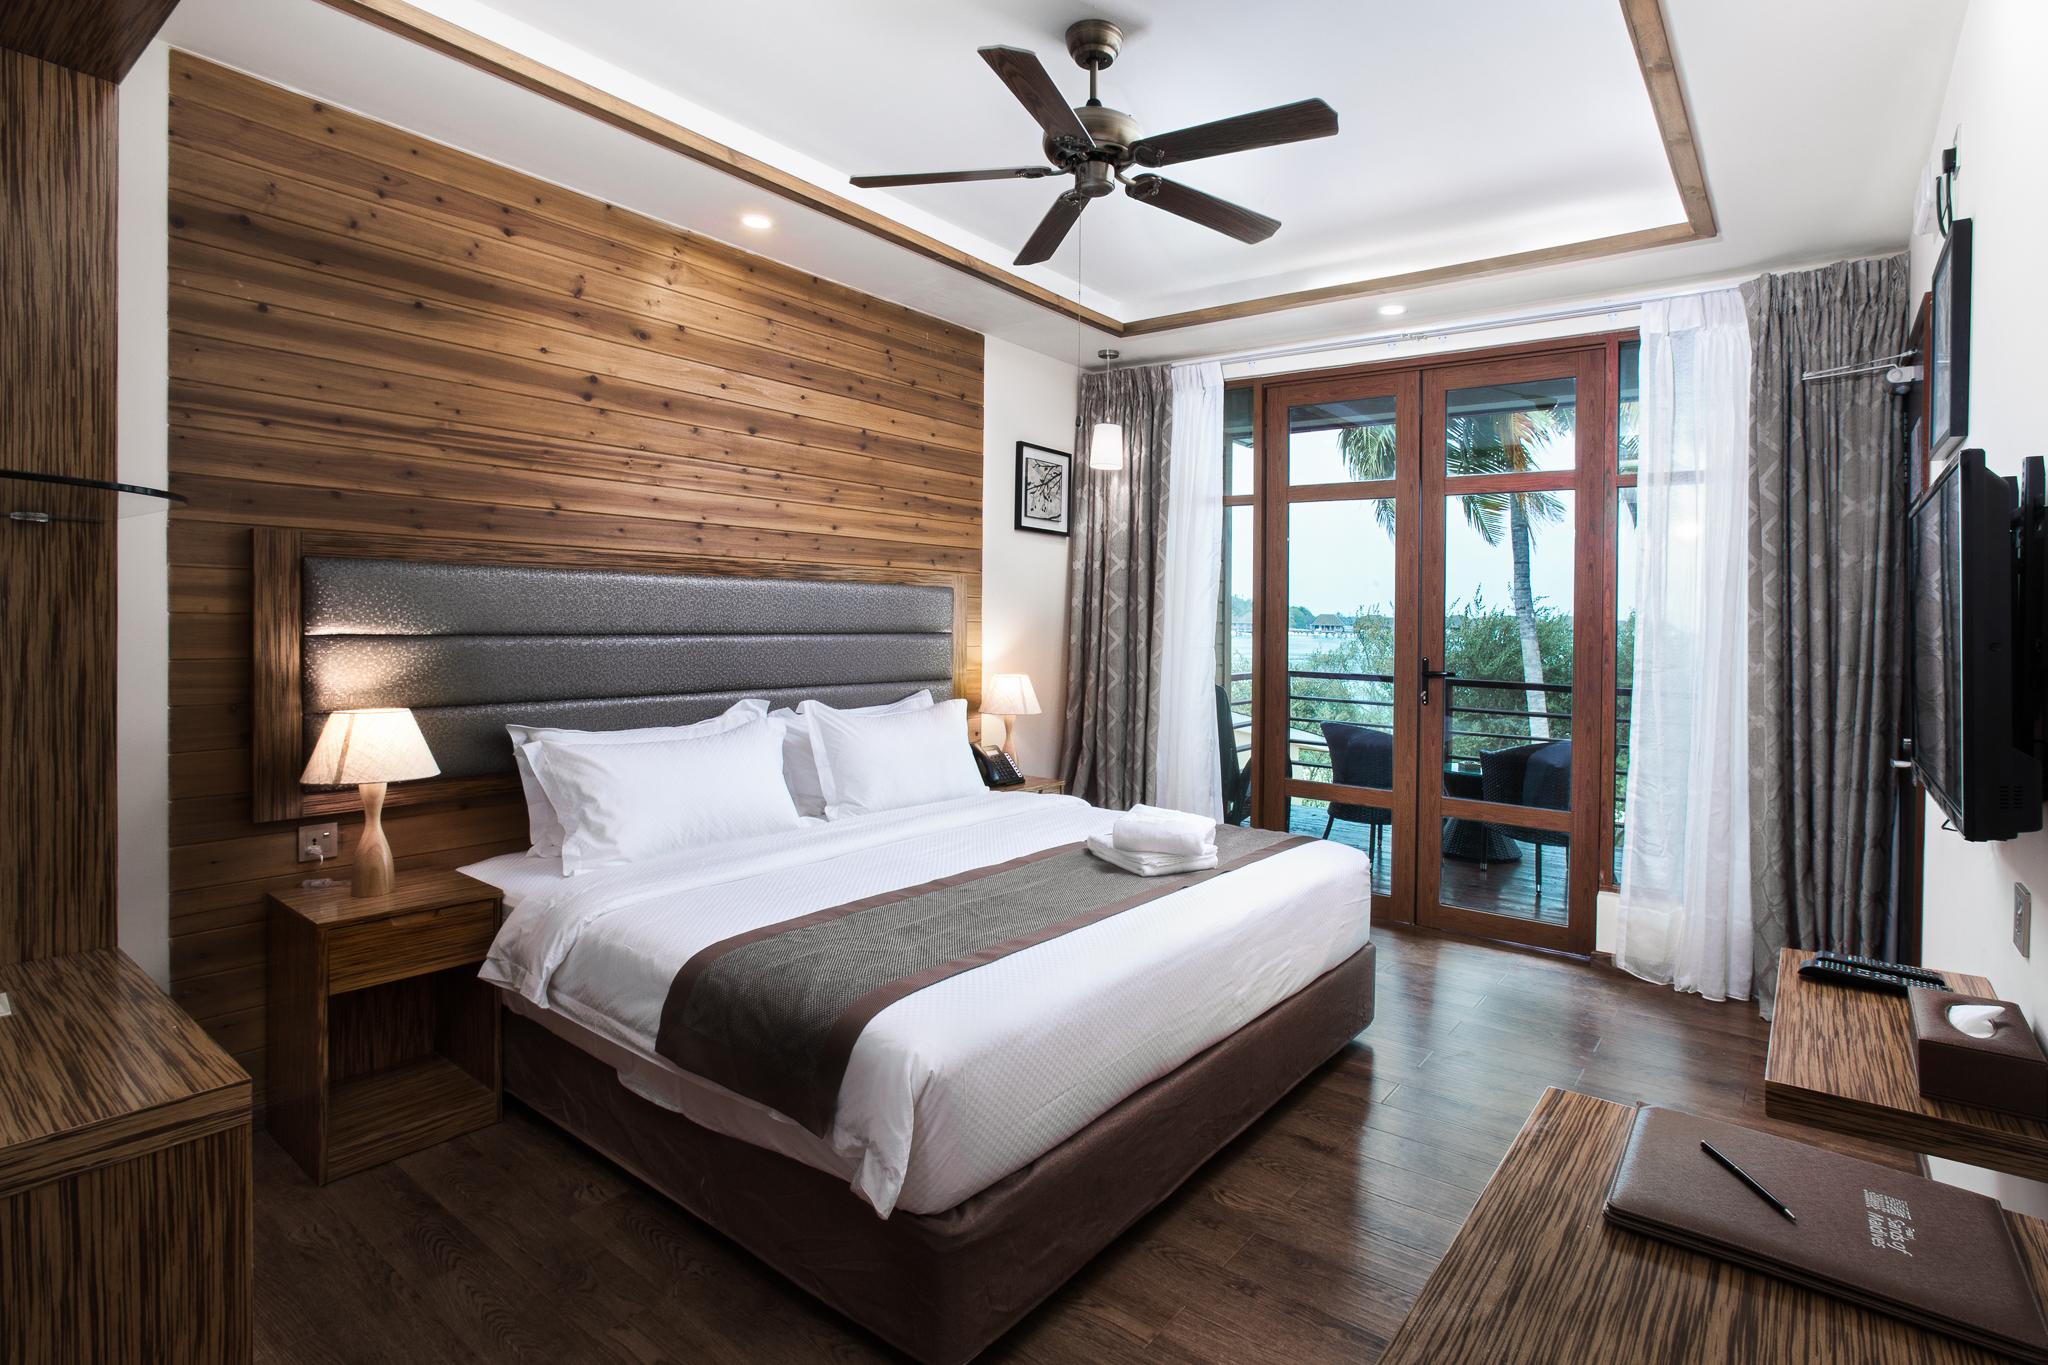 Комната отеля с большой кроватью